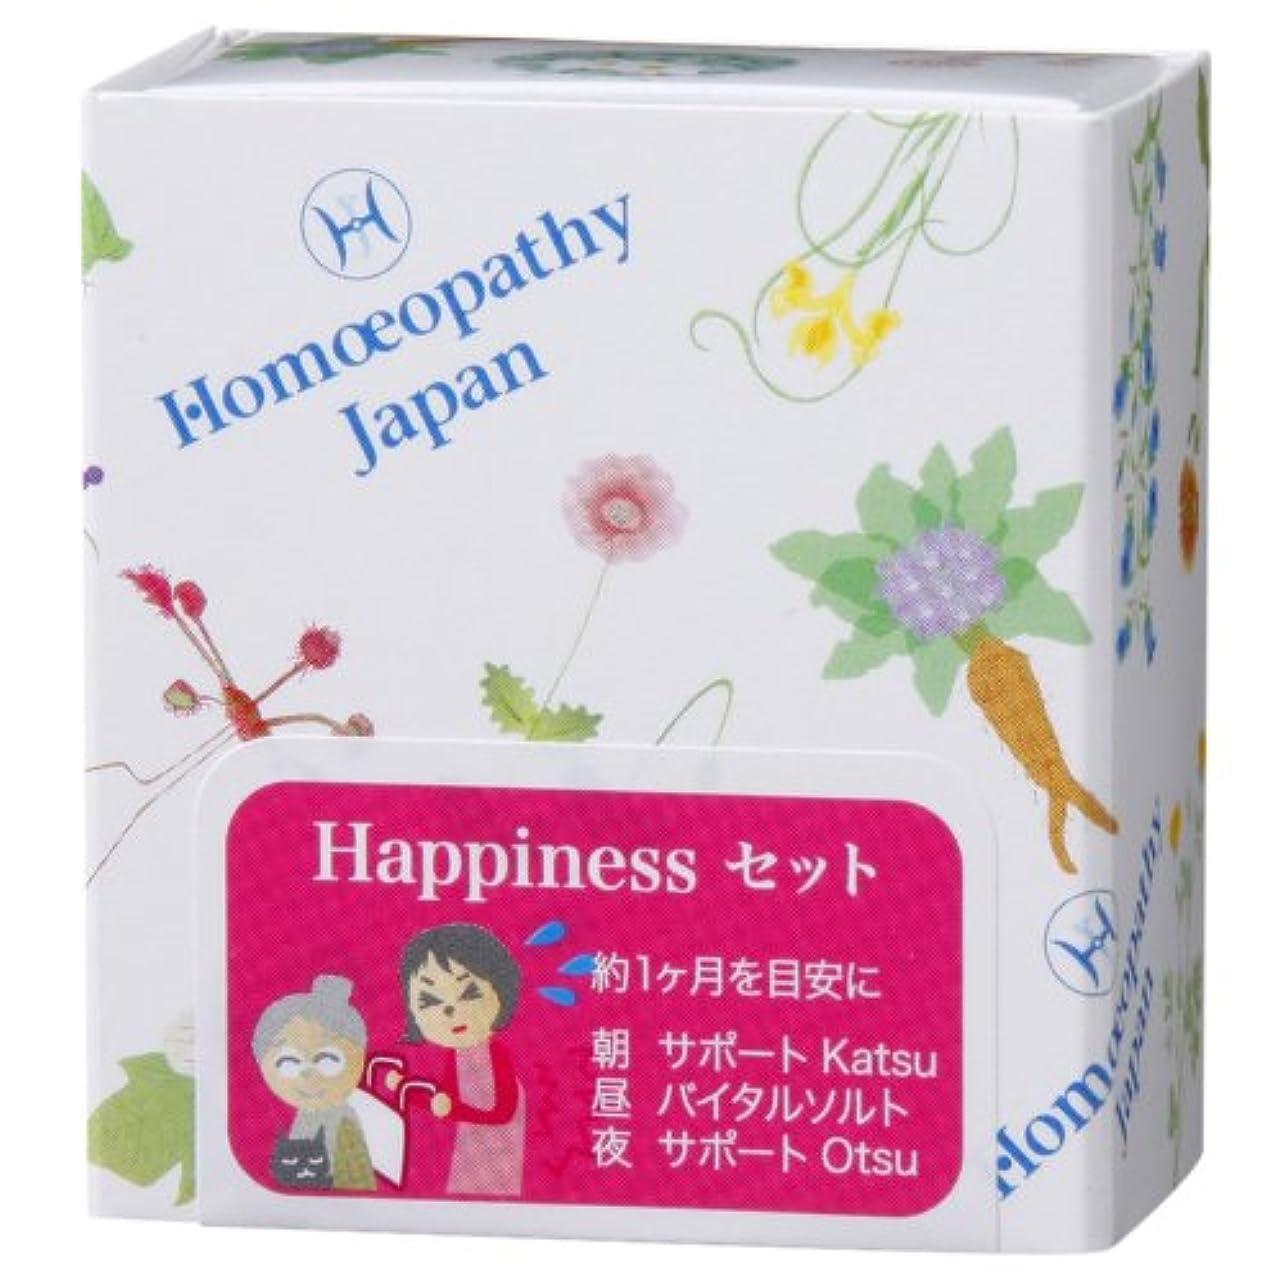 処方安定したテーマホメオパシージャパンレメディー Happinessセット